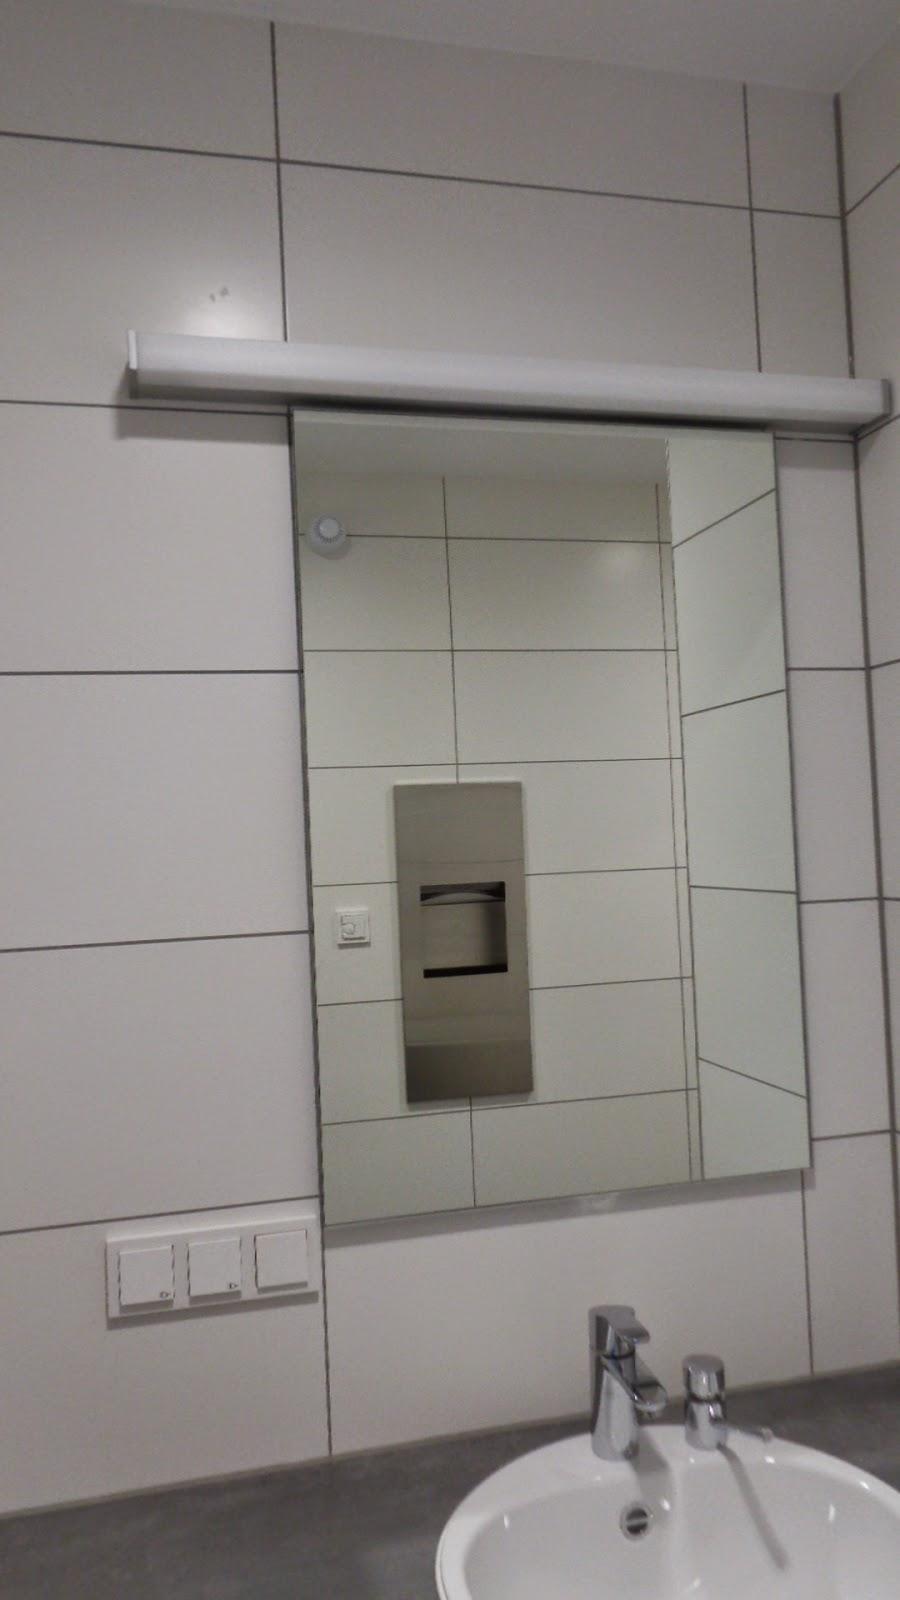 Dürfen Steckdosen neben Waschbecken angebracht werden ...